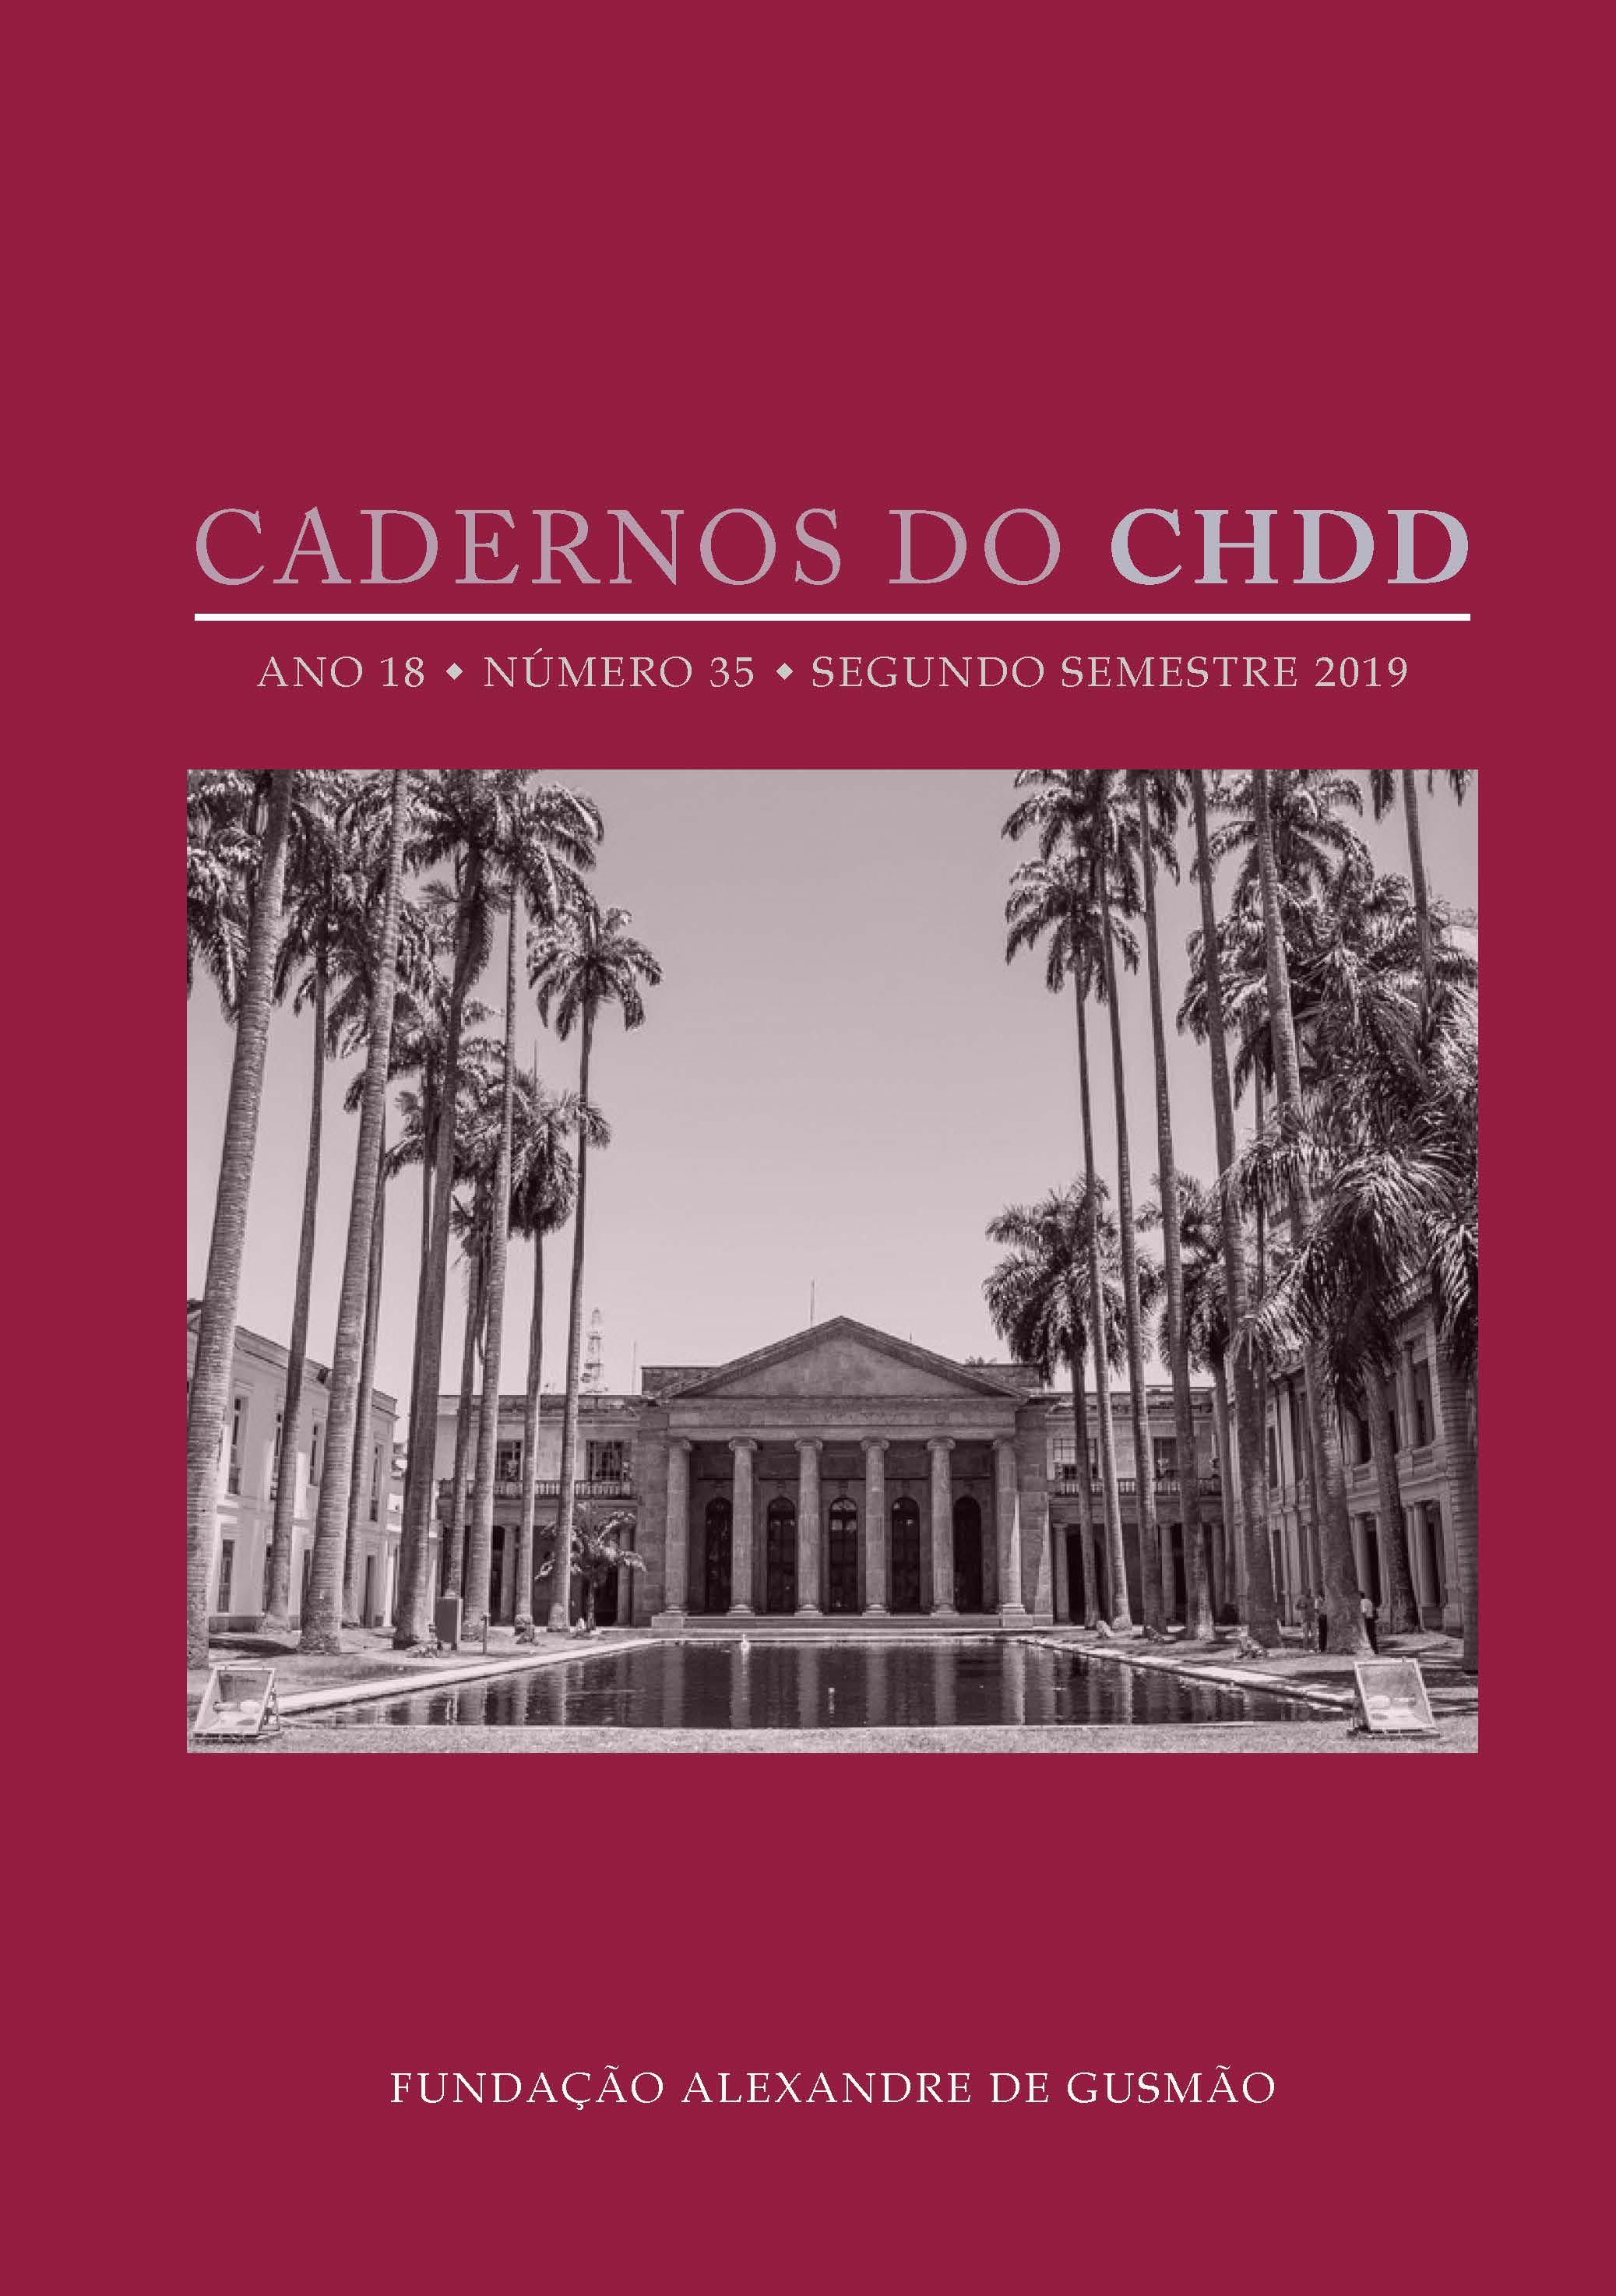 Cadernos do CHDD - Ano 18 . Número 35 . segundo semestre de 2019